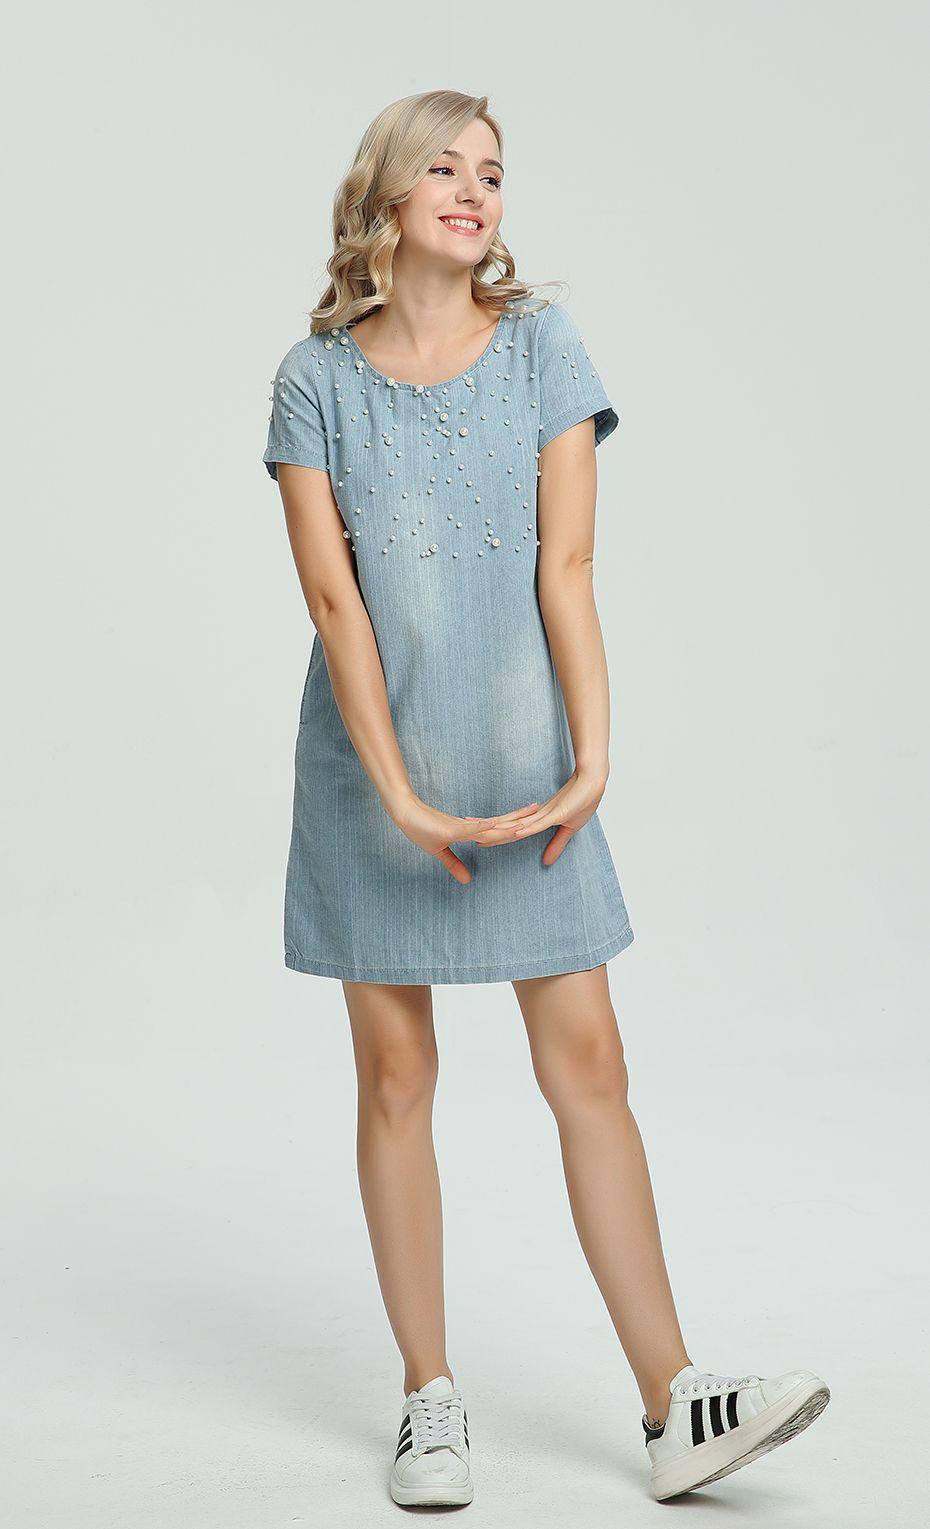 372c89906f0 Ladies Day Dresses, Trendy Fashion, Fashion Dresses, Trending Fashion,  Trendy Dresses